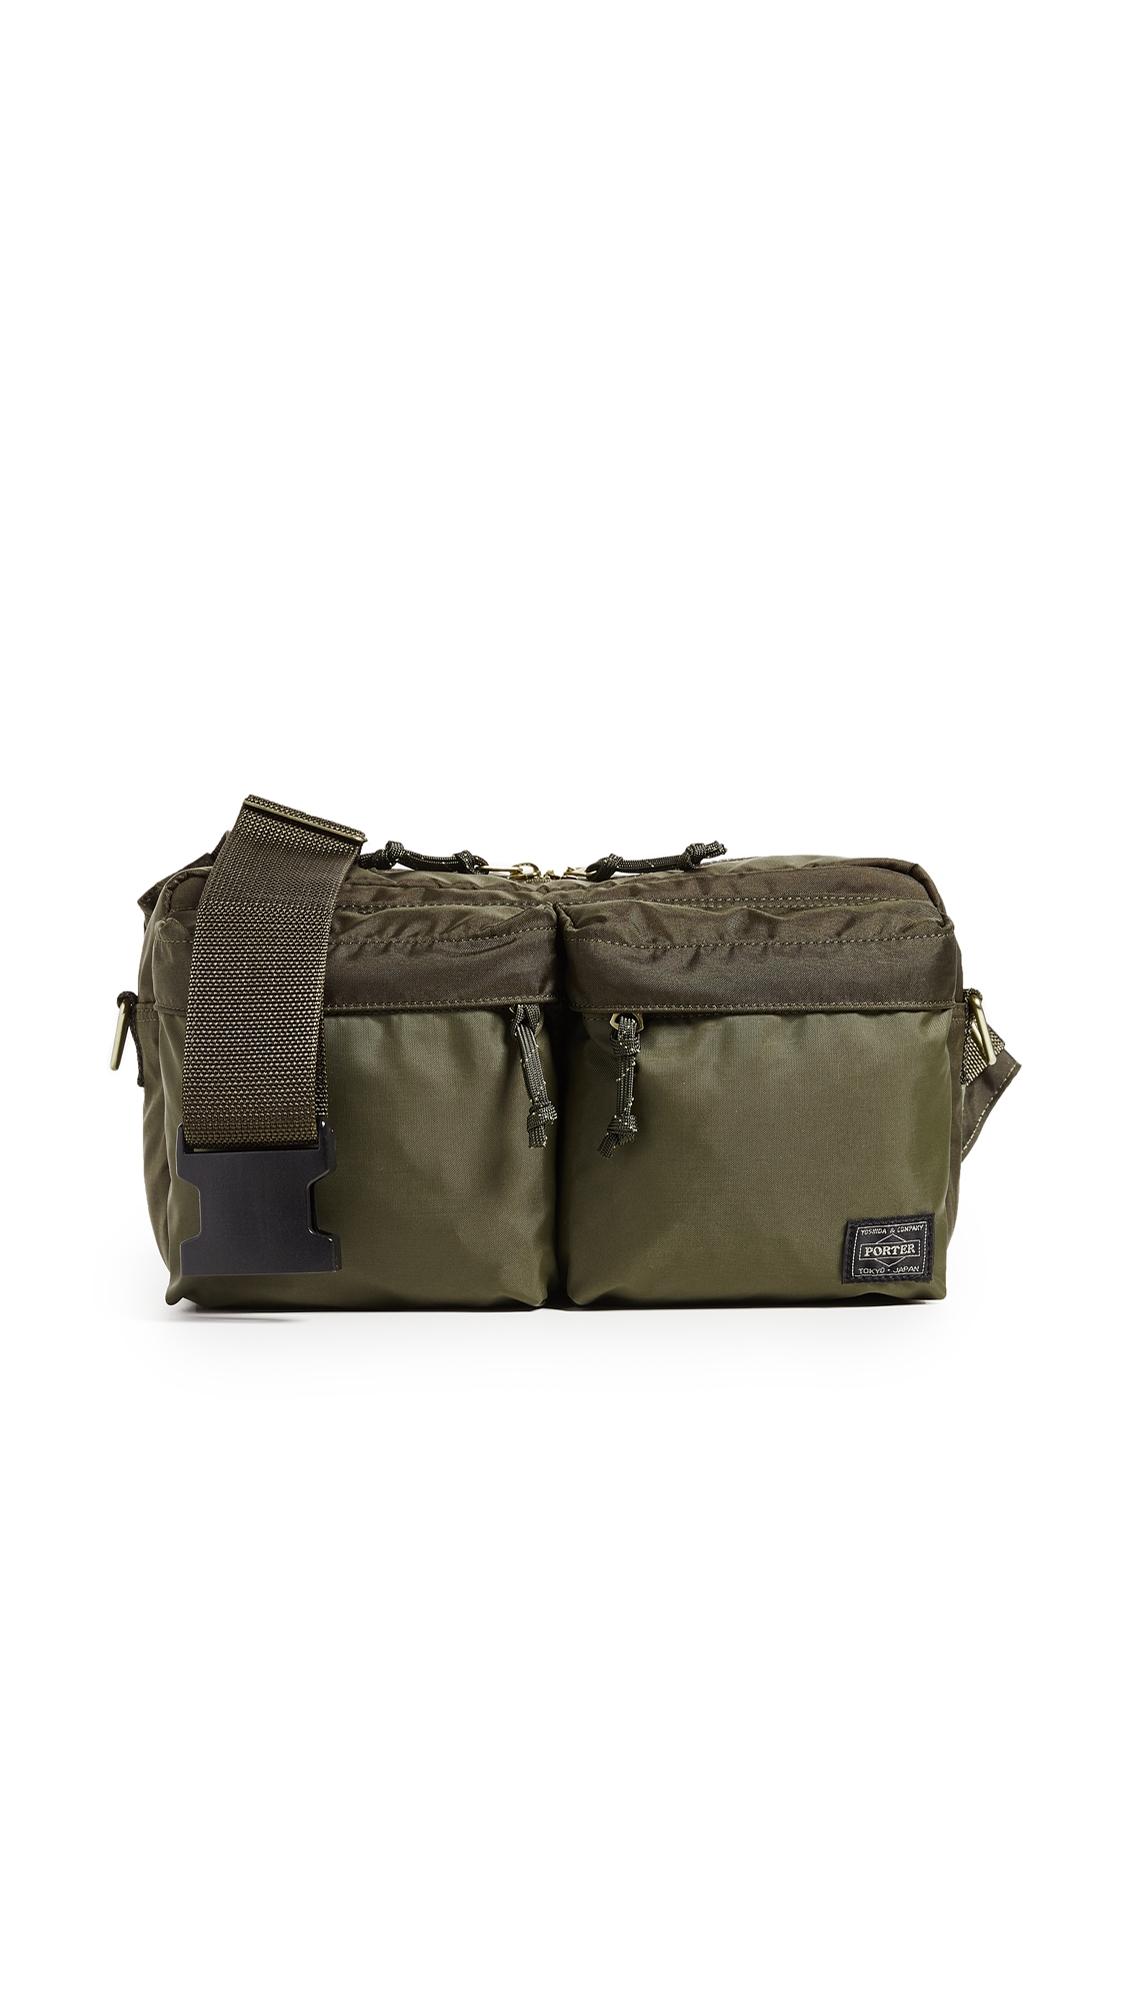 PORTER Force 2 Way Waist Bag in Olive